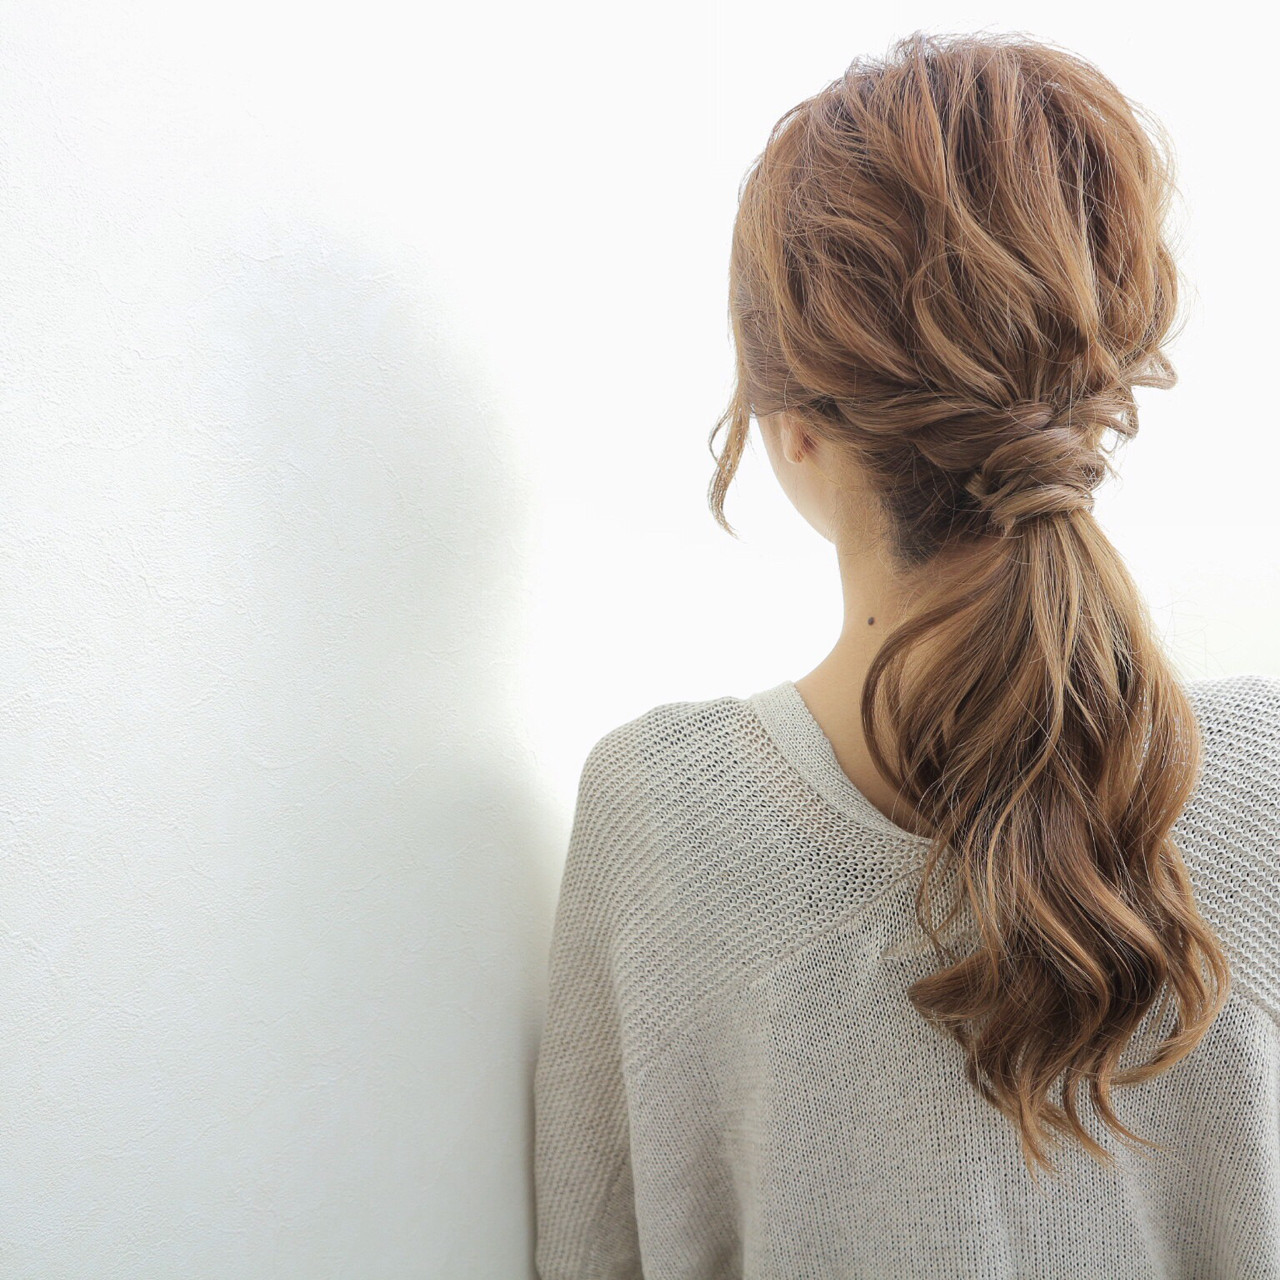 デート こなれ感 上品 セミロング ヘアスタイルや髪型の写真・画像